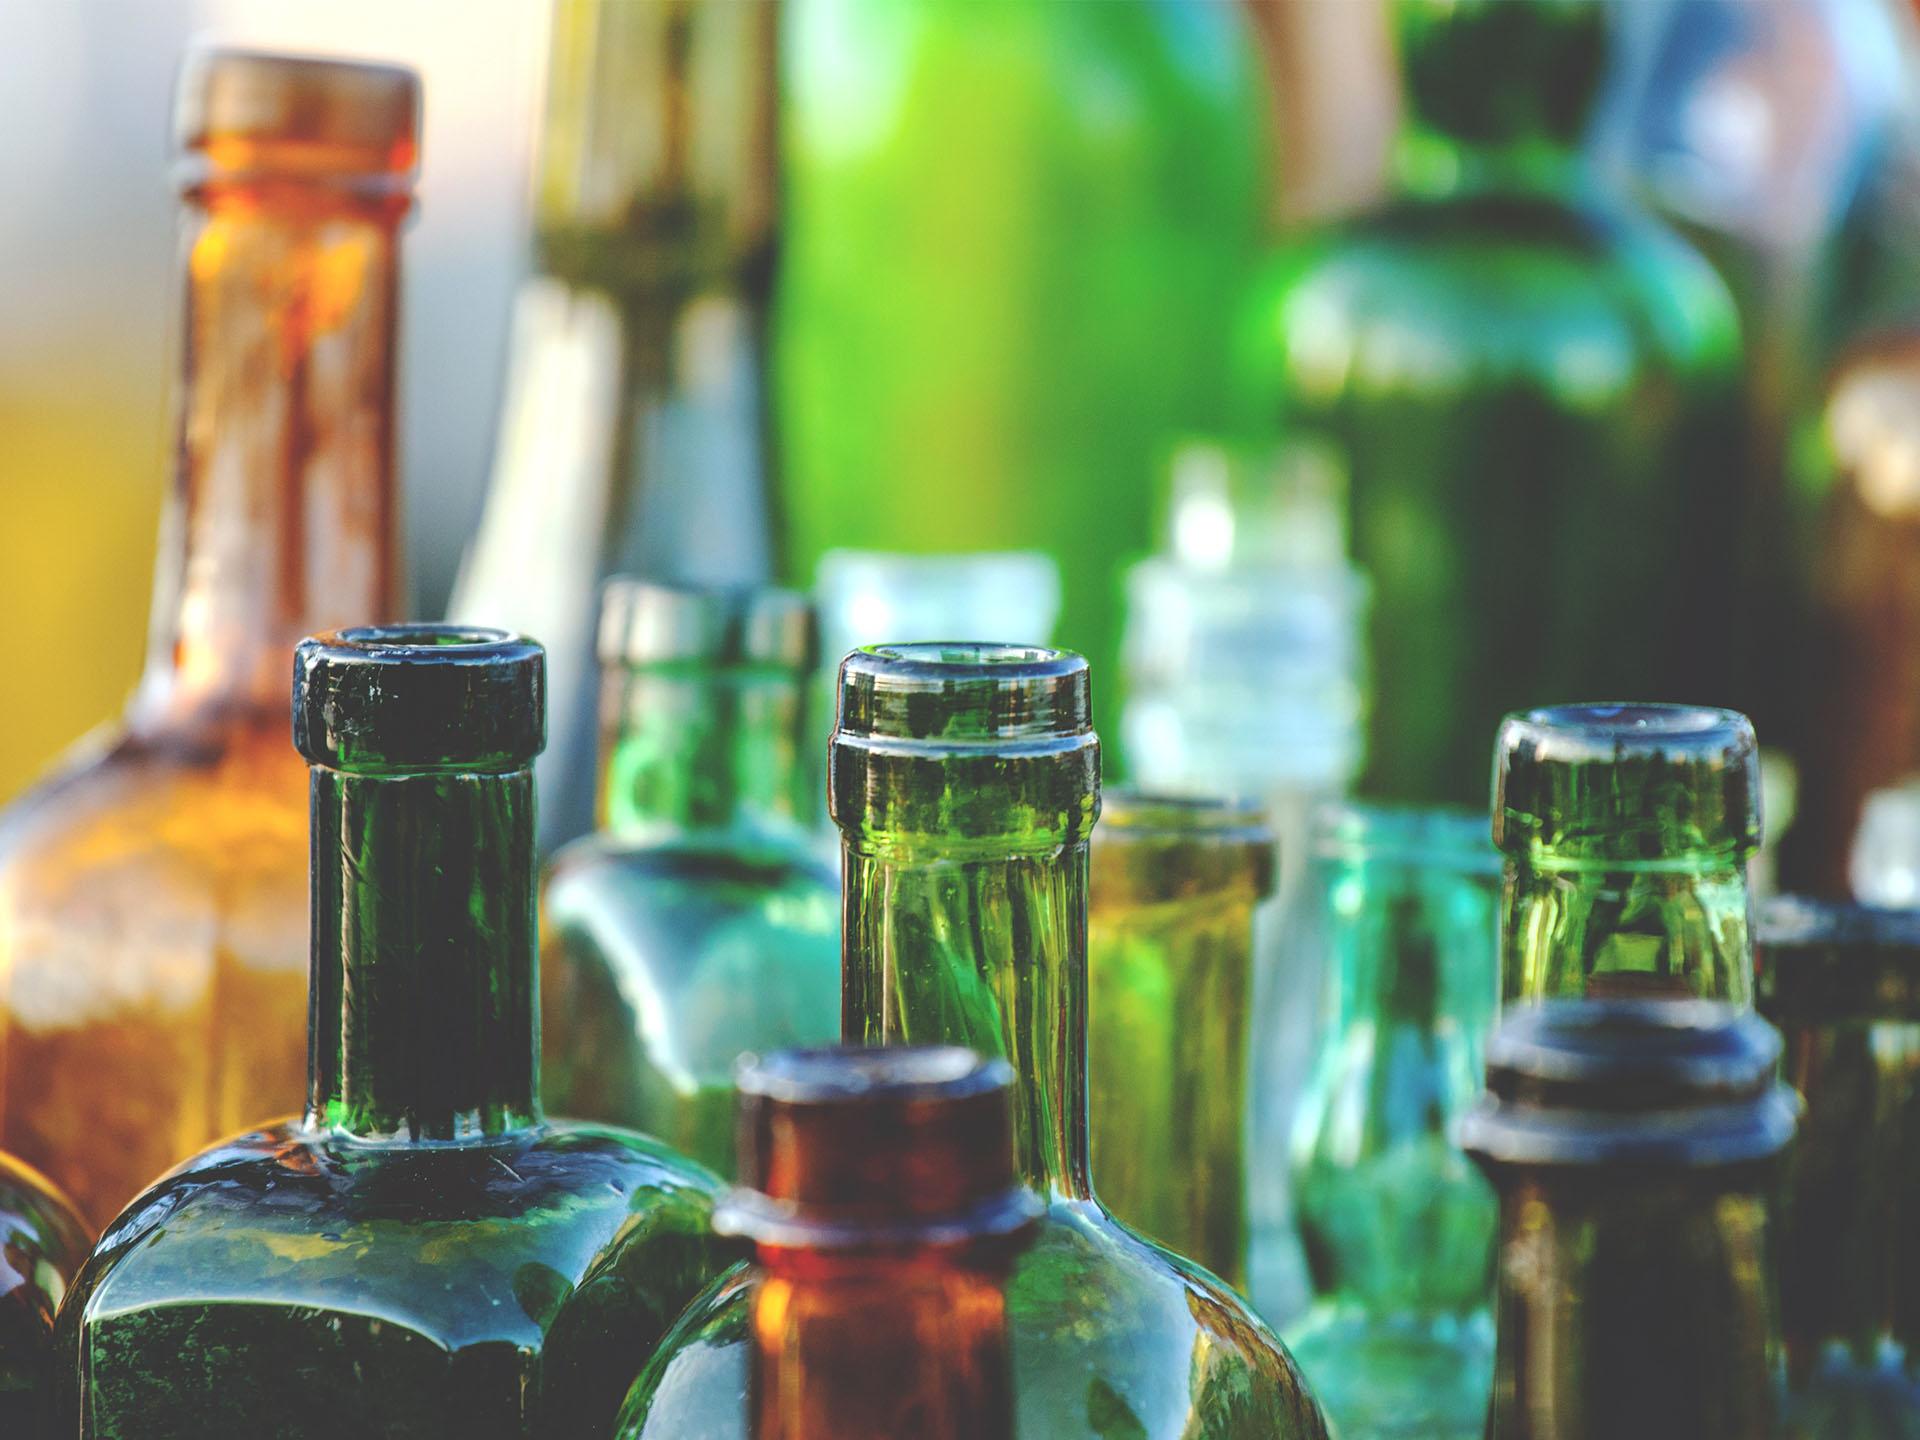 Wineleven - Convervazione del vino nel vetro e nella bottiglia